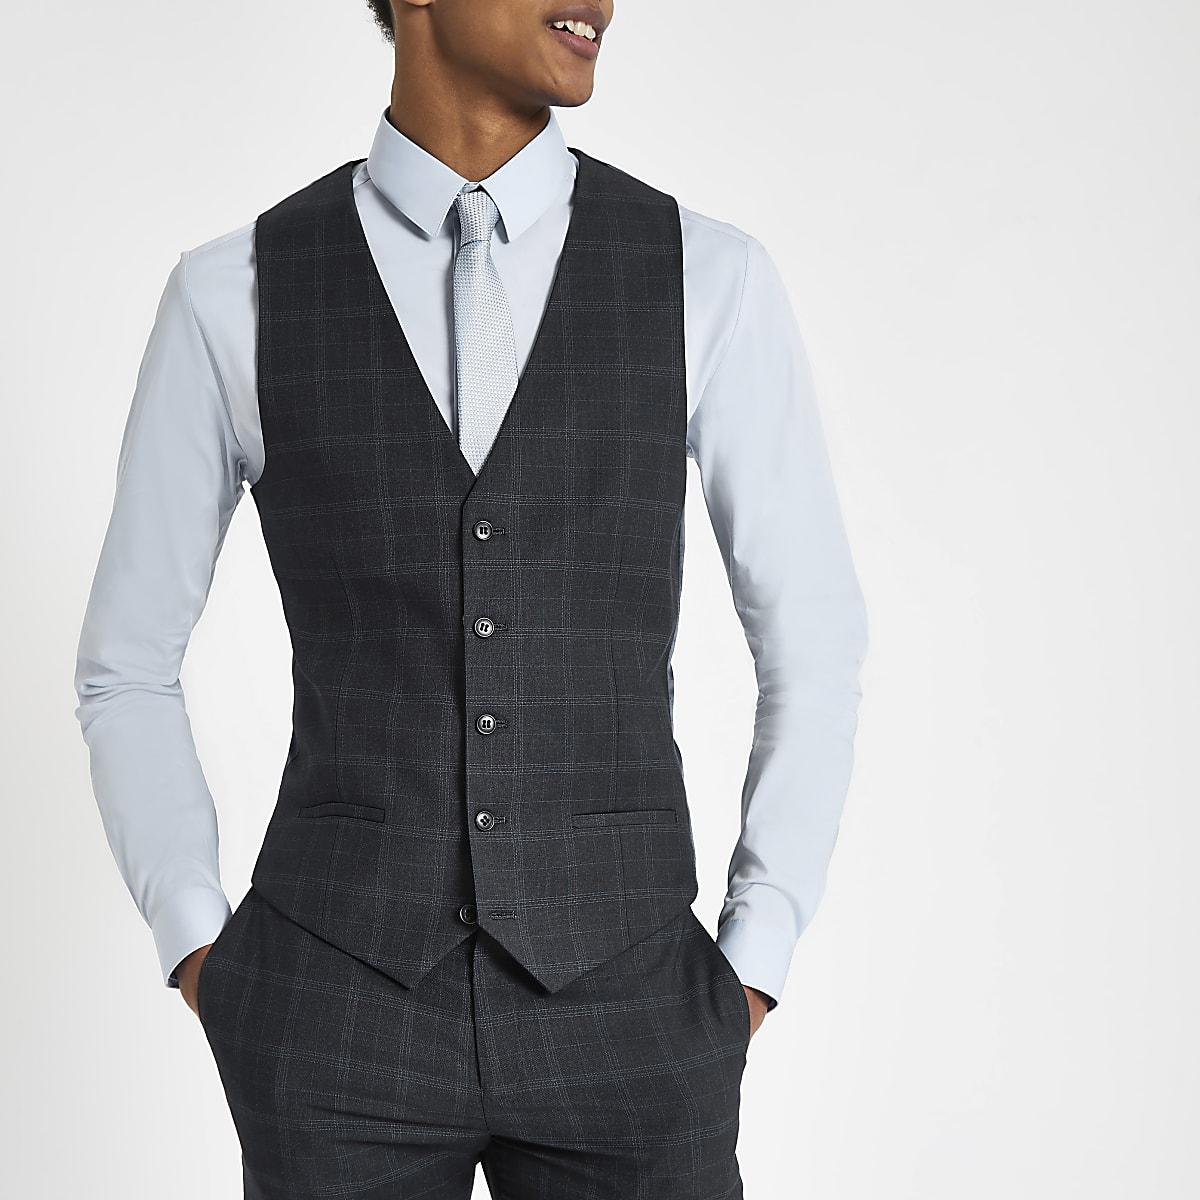 Navy check suit vest